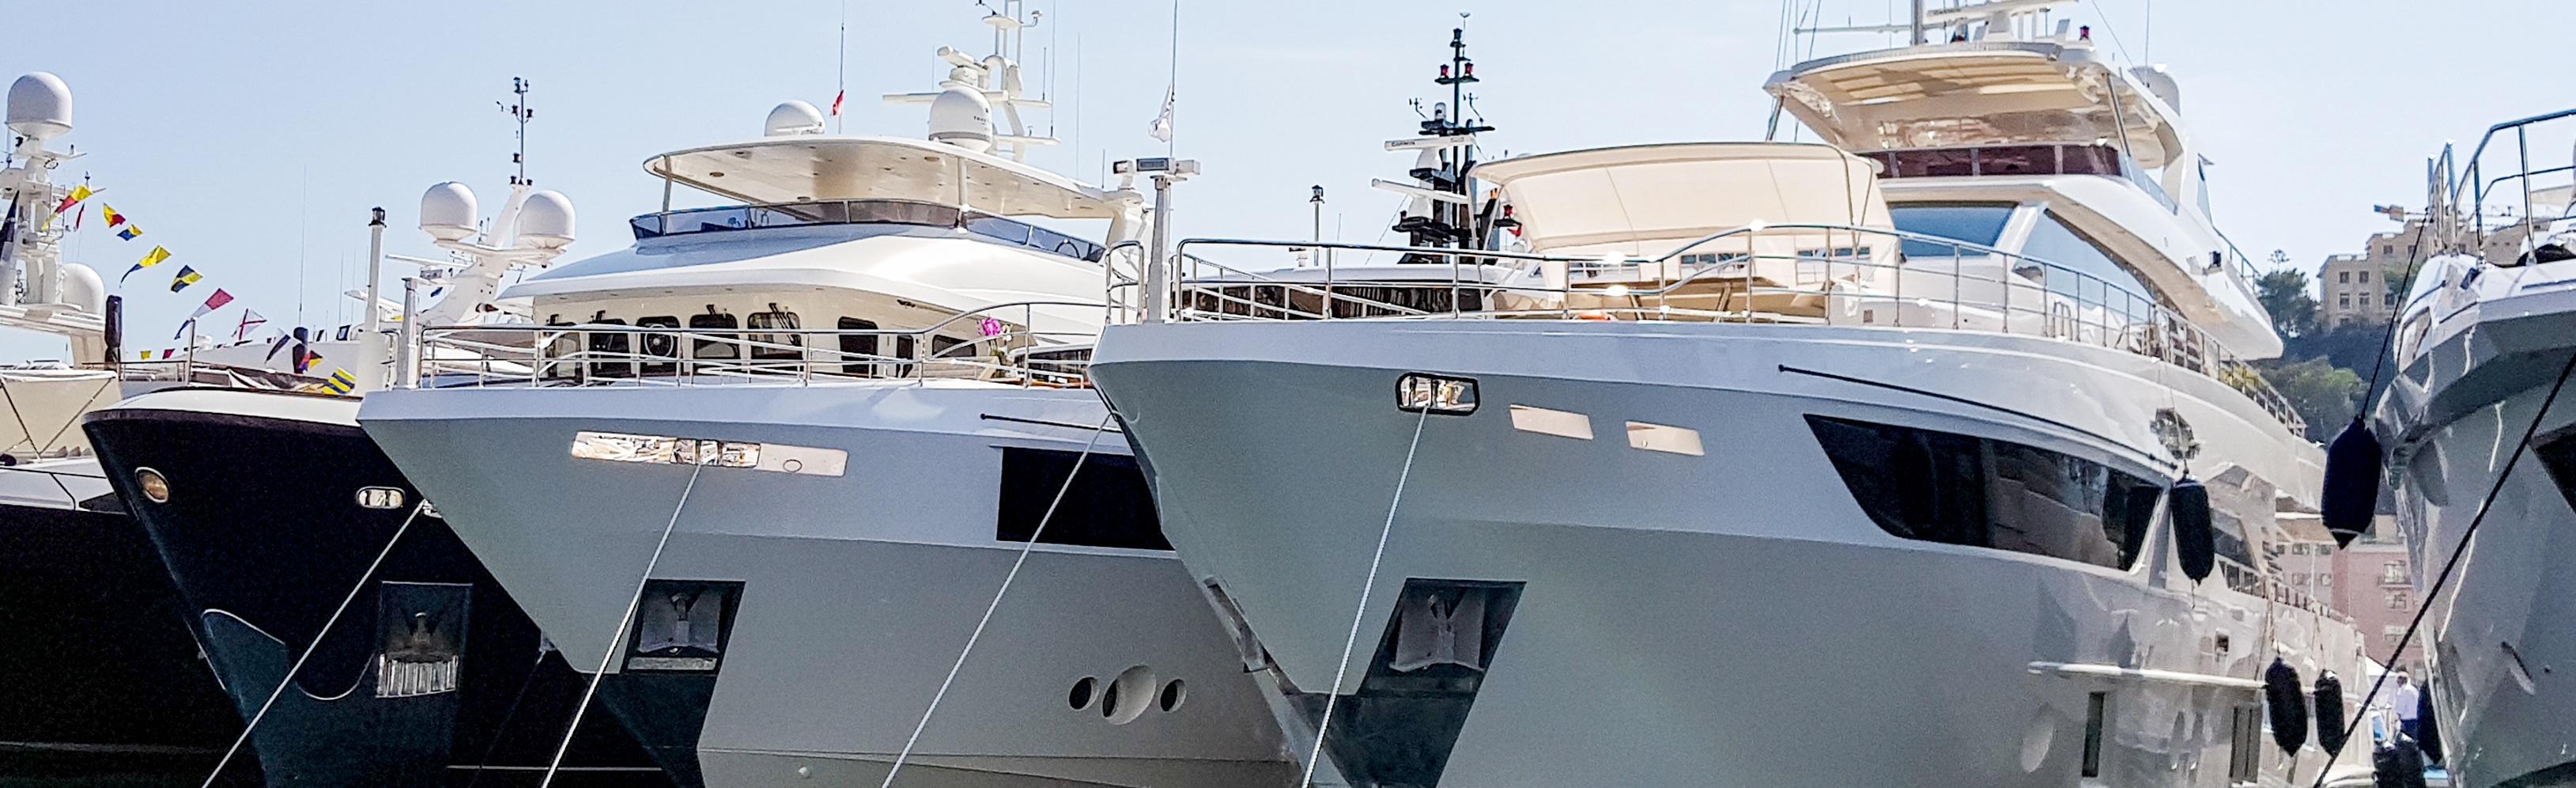 Monaco-Yacht-Show,-Day-1.jpg